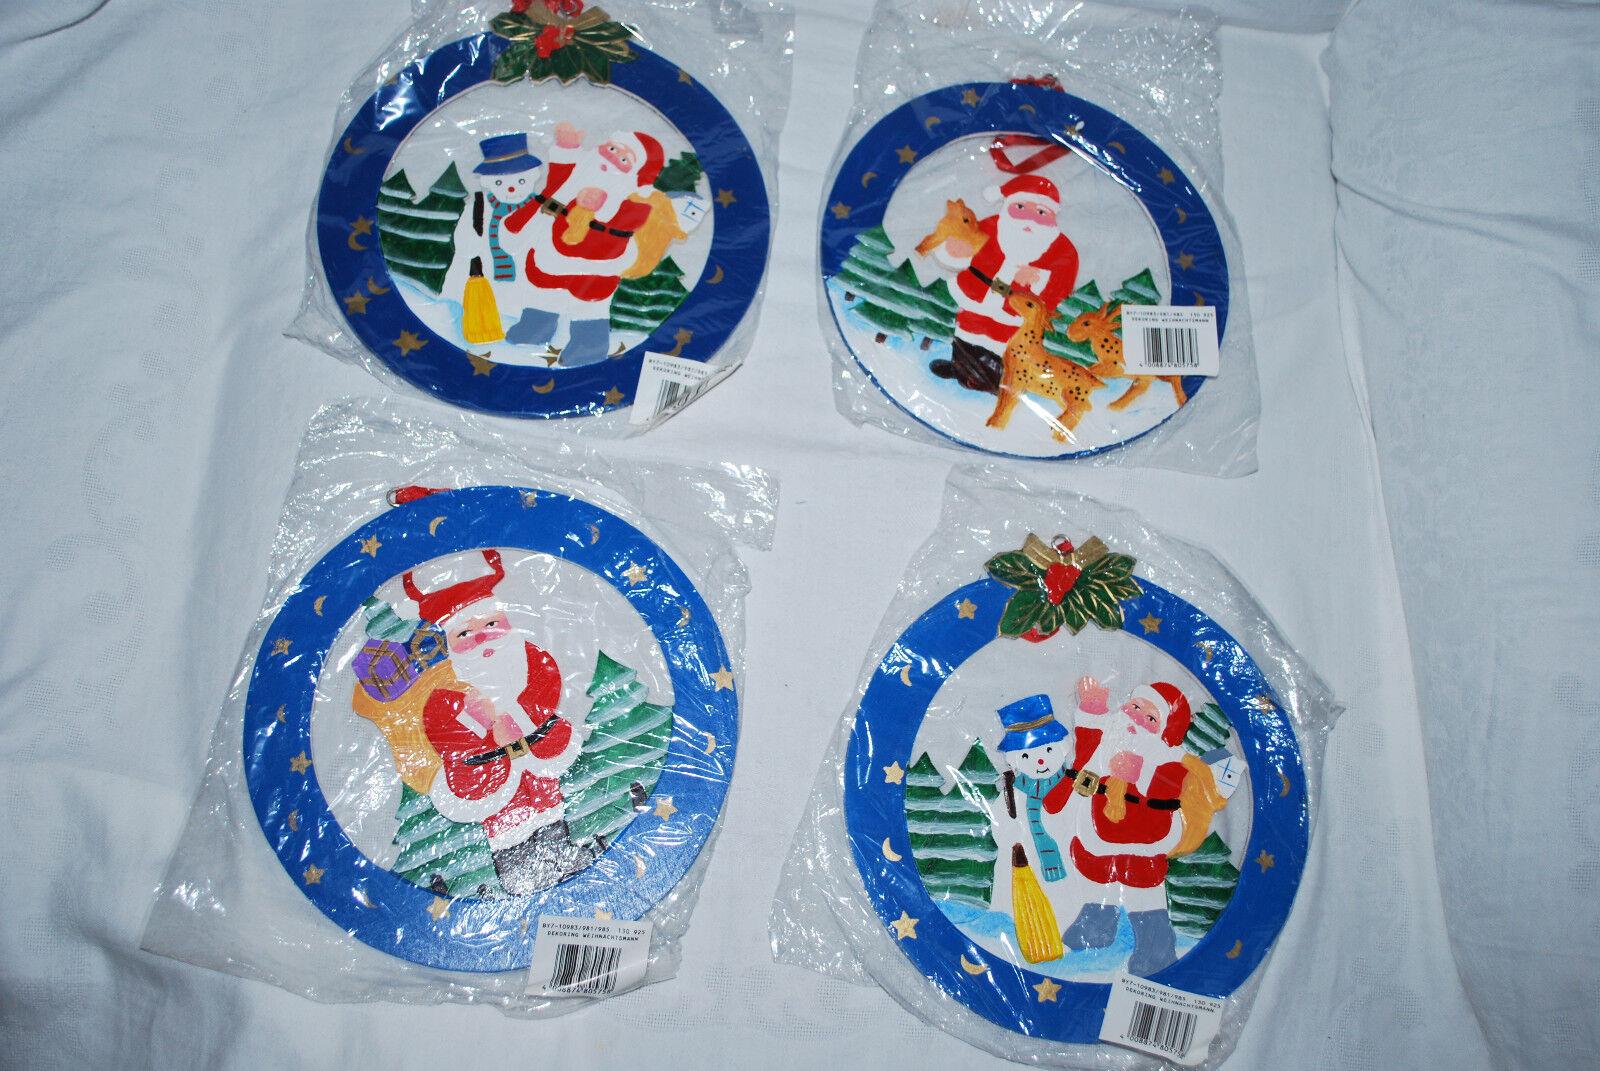 Bauernsilber Weihnachtsdeko.Weihnachten Weihnachtsdeko Weihnachtswandfensterbilder Neu Ovp Bware Feste Besondere Anlässe